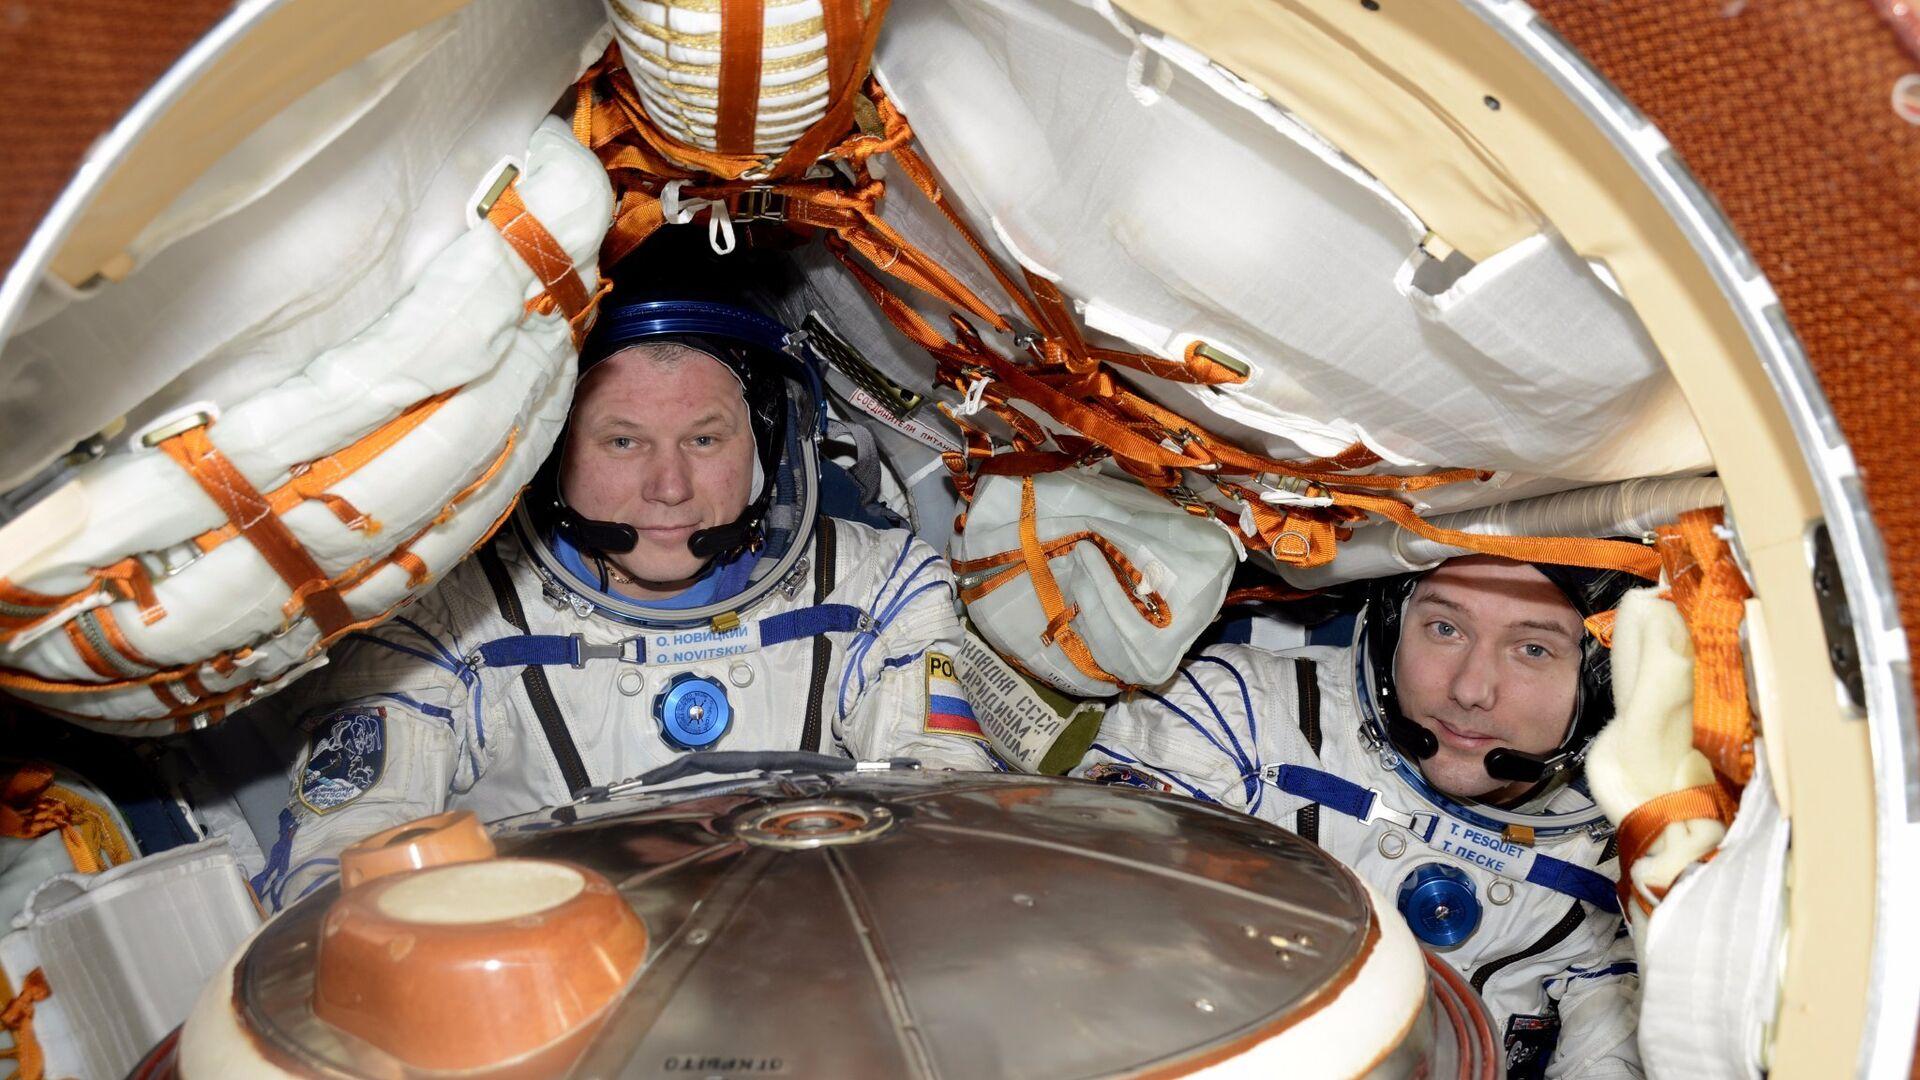 Космонавт нашел утечку в скафандре перед выходом в открытый космос